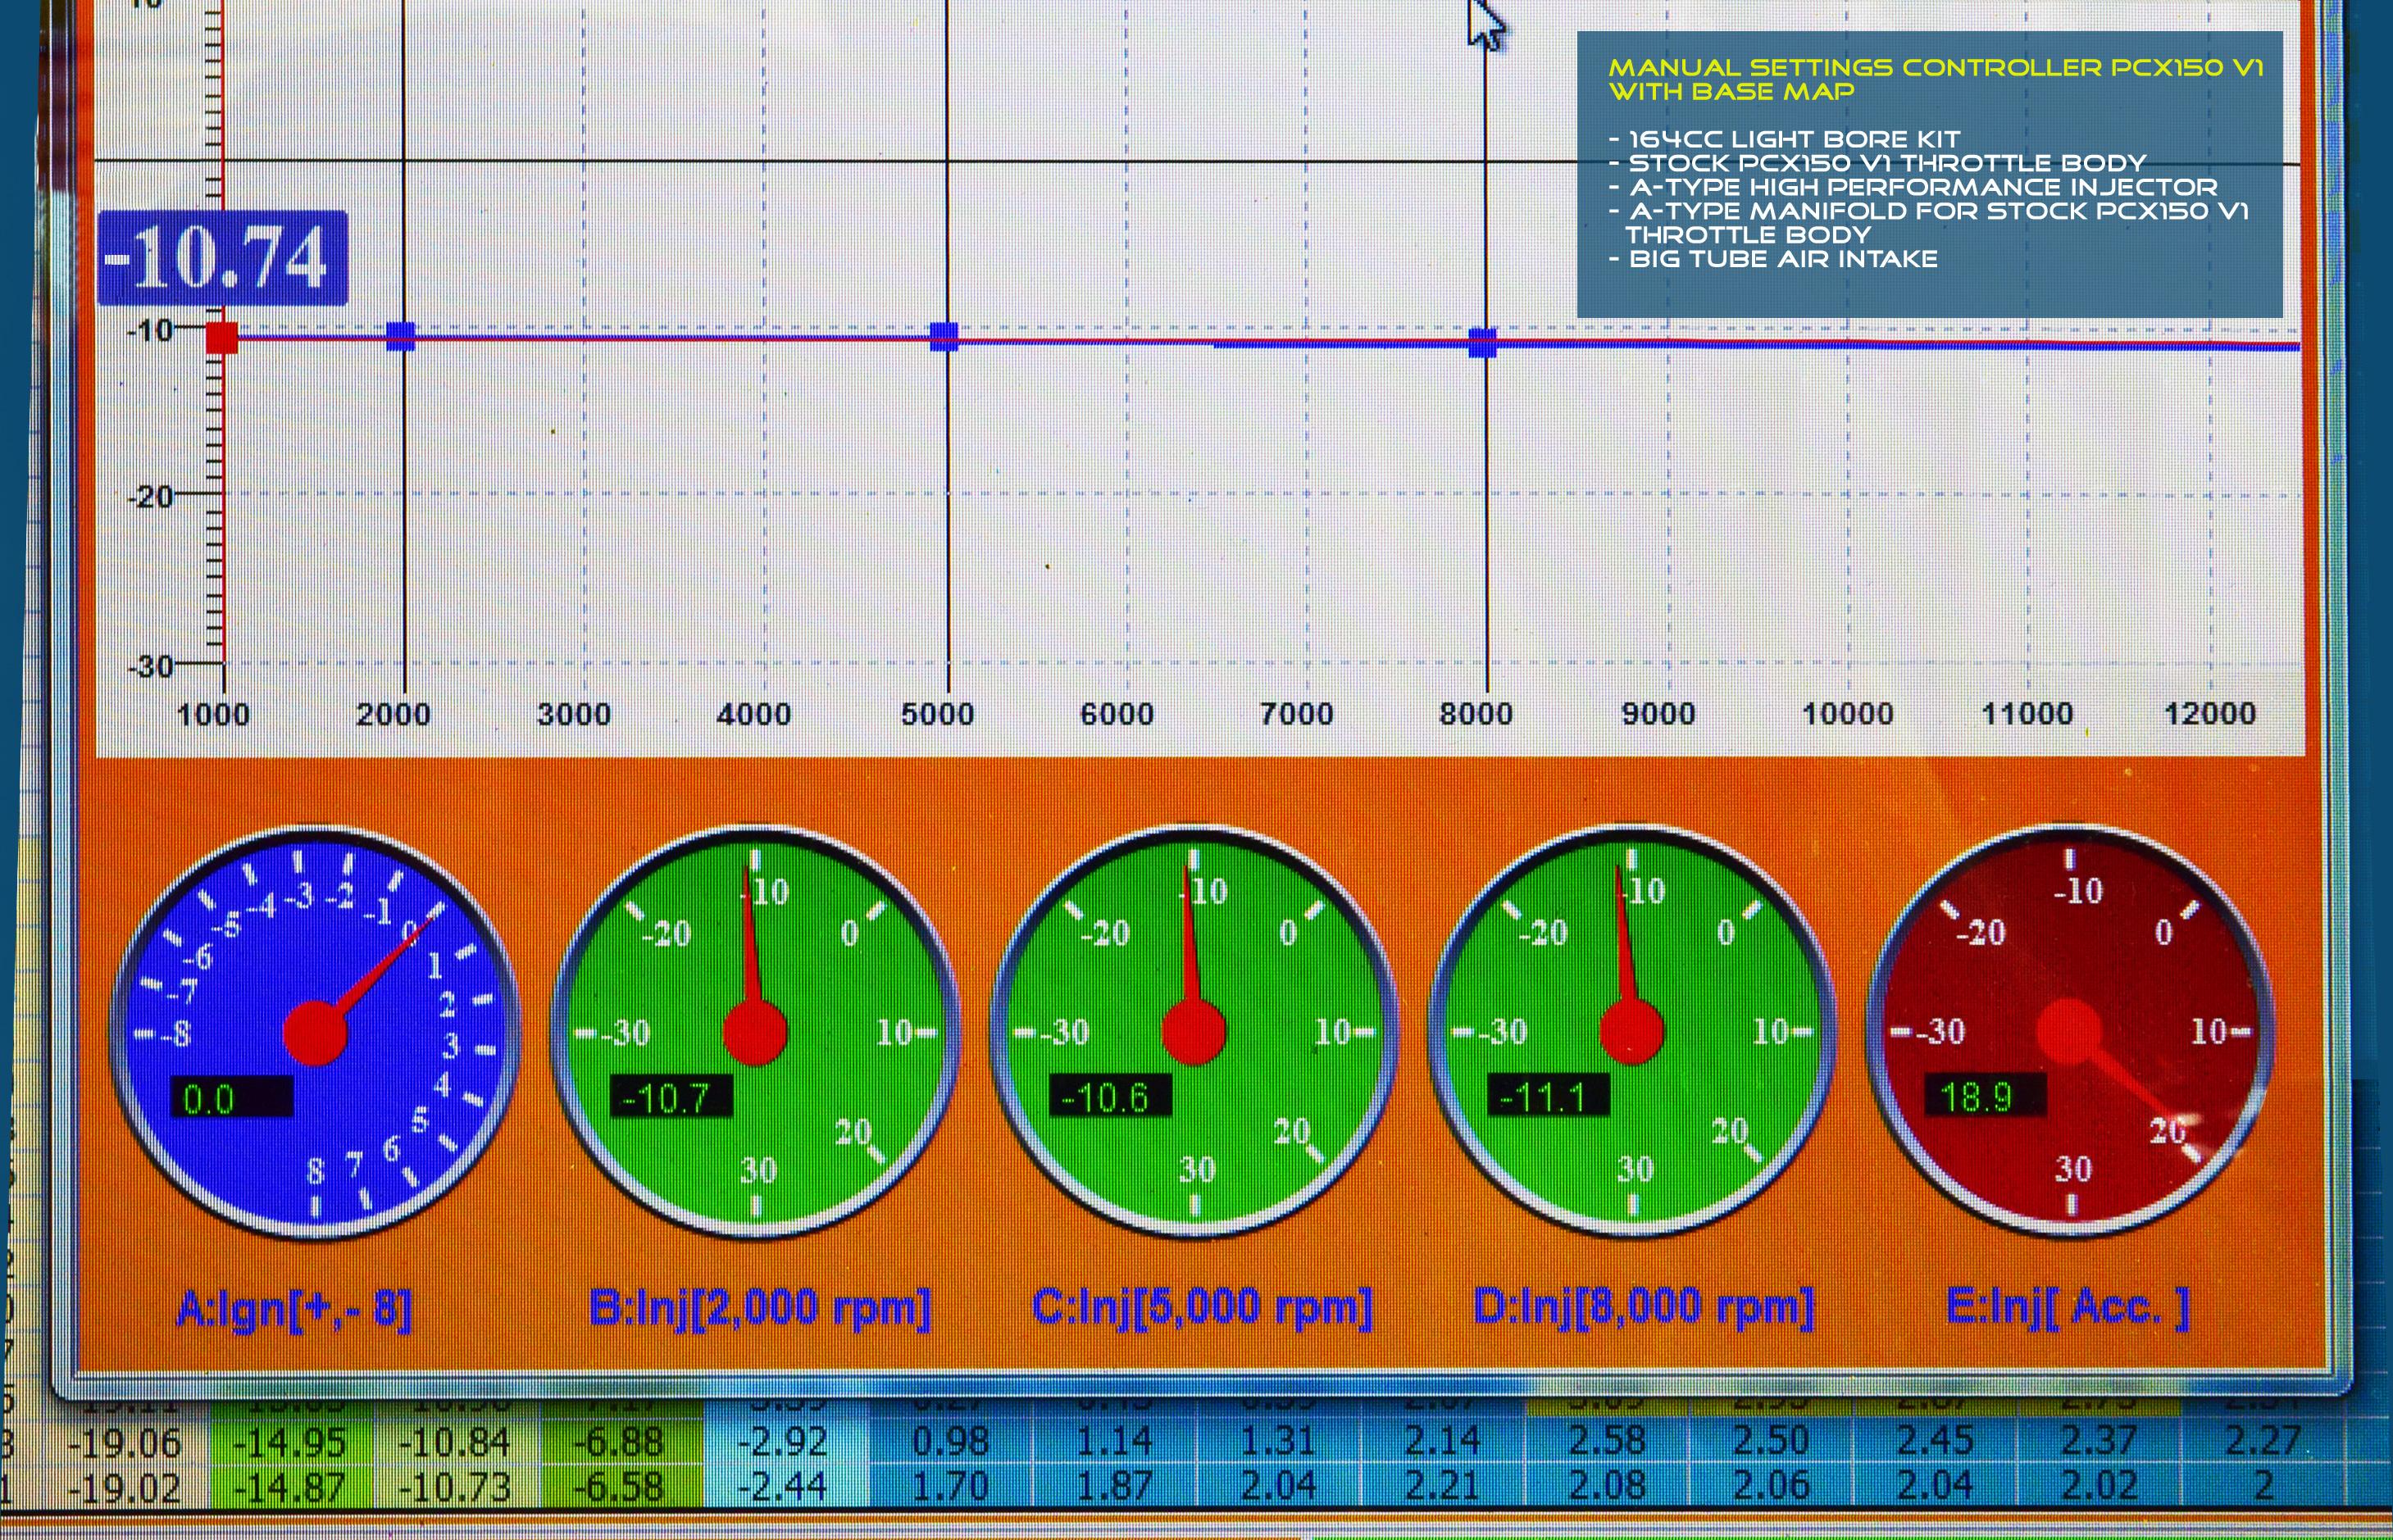 settings-pcx150-v1-stock-throttle-body-p01.jpg